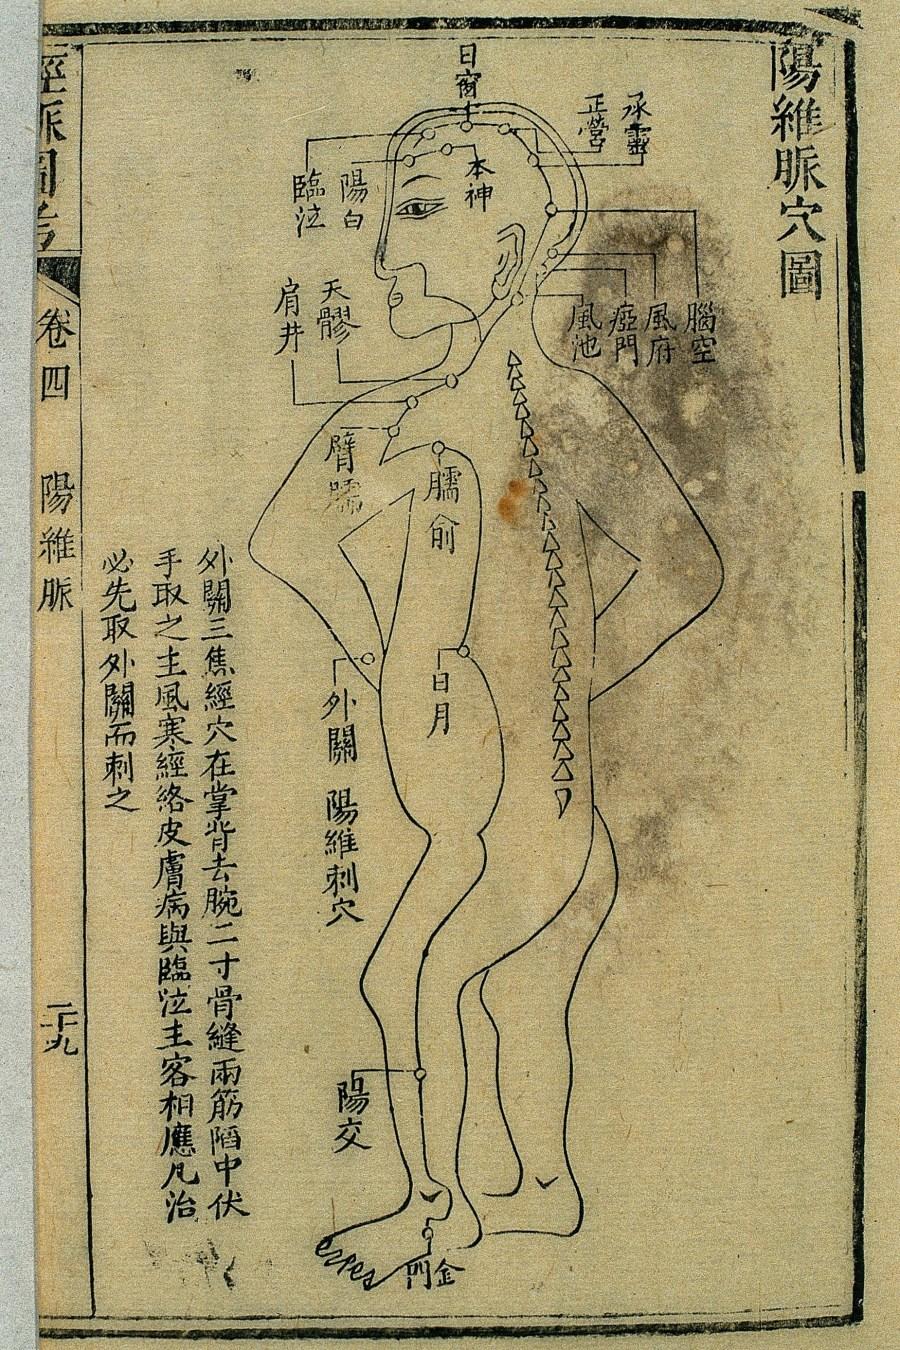 Gravure sur bois, illustrant le trajet du 陽維脈 yáng wéi mài, tirée de l'étude illustrée des canaux (經脈圖考 jīng mài tú kǎo), publiée en 1878